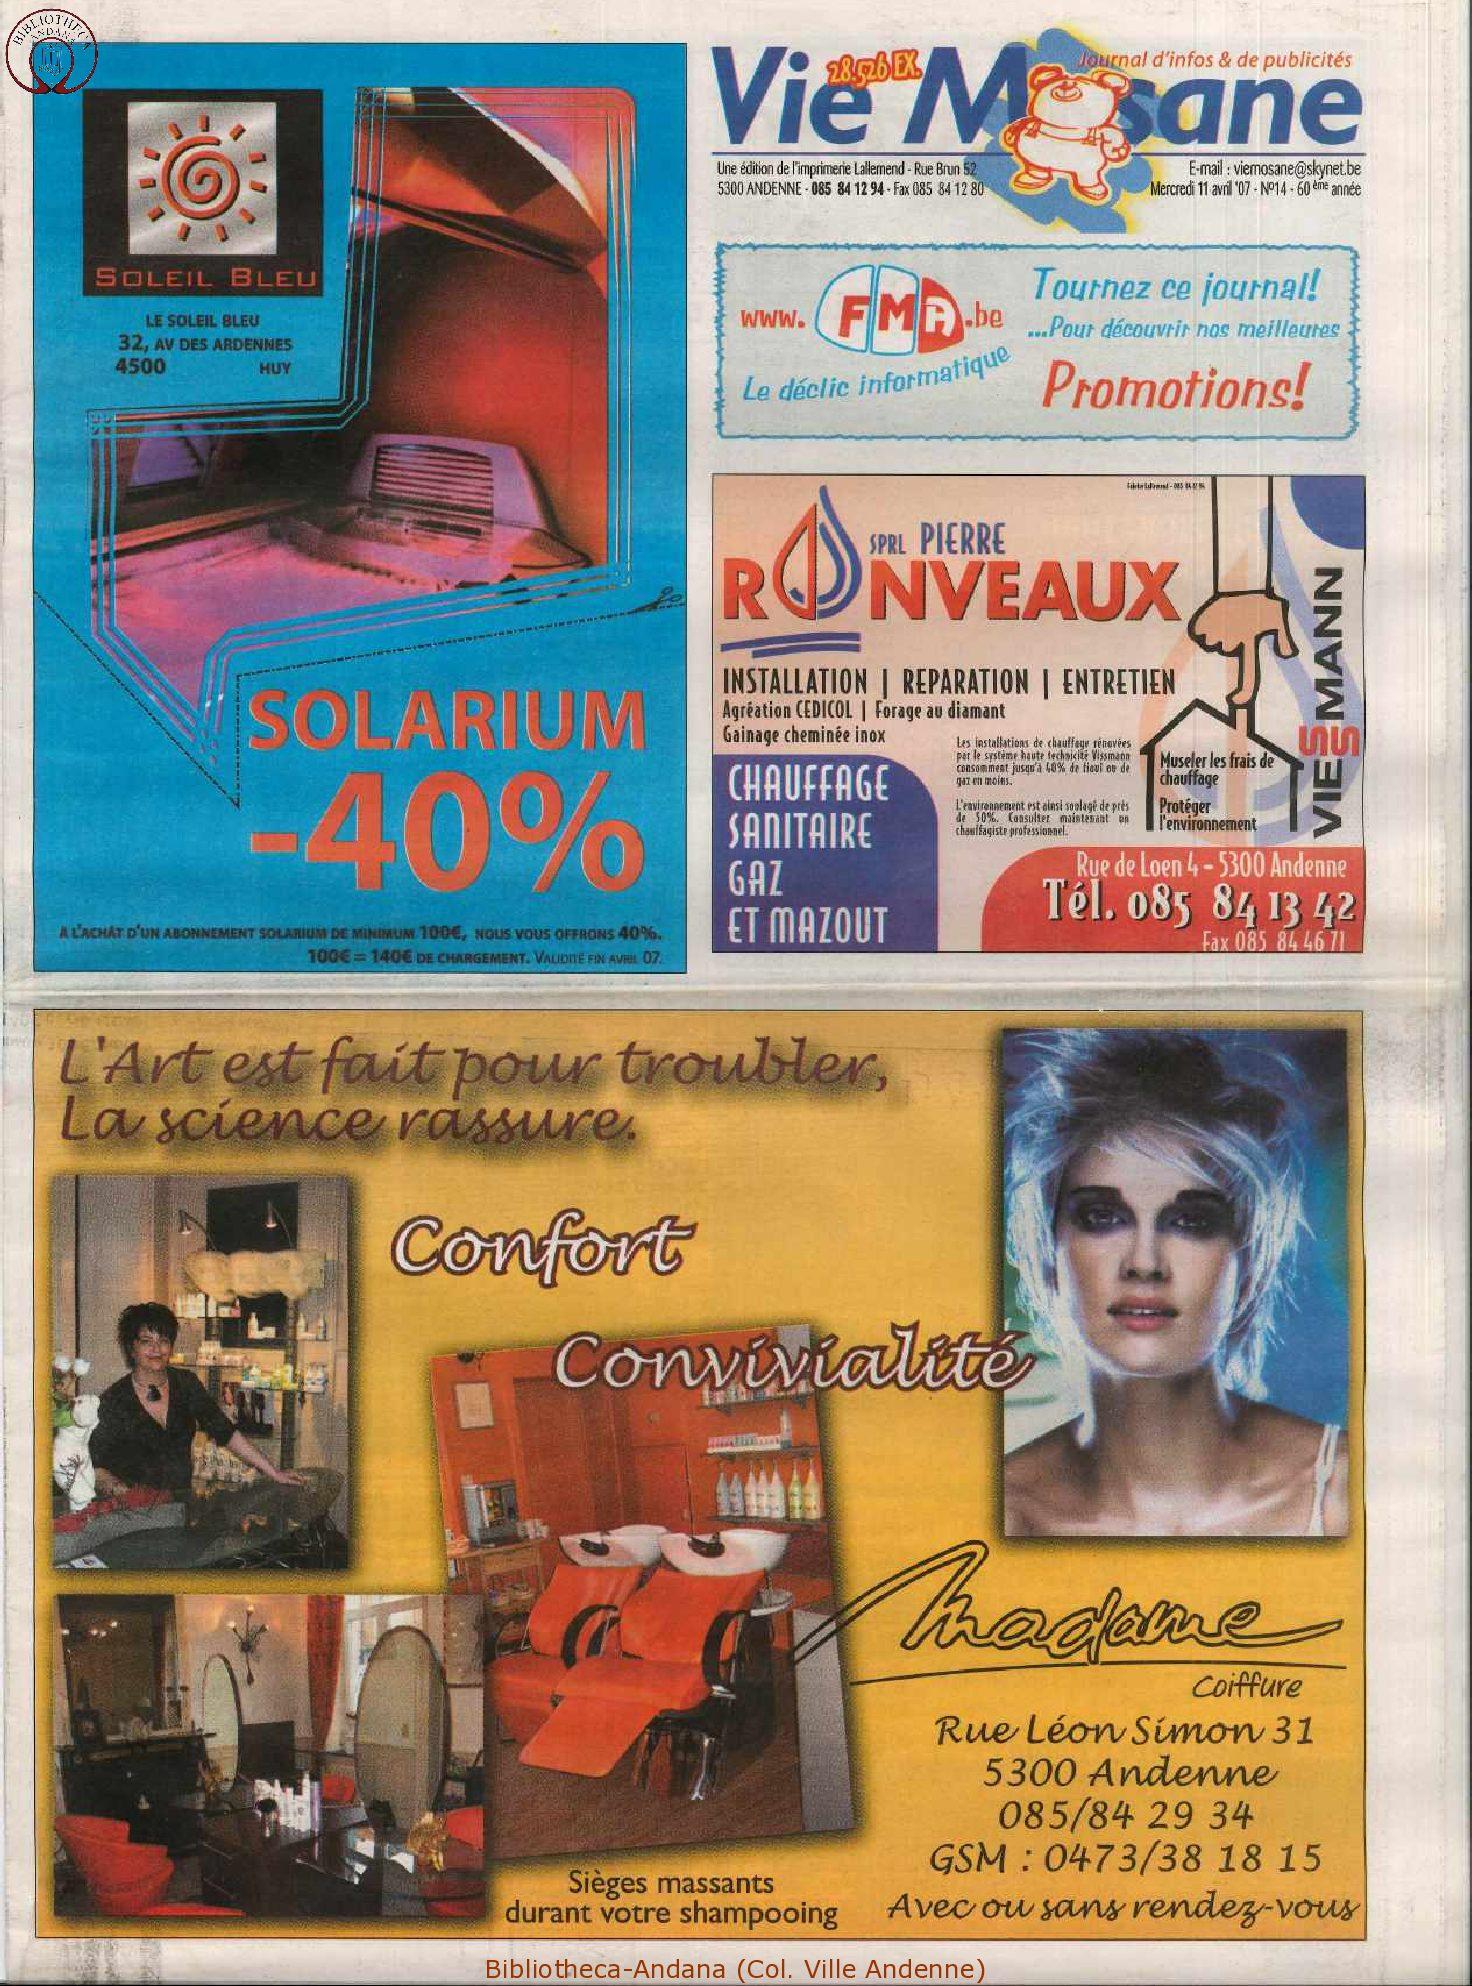 60e année - n°14 - 11 avril 2007